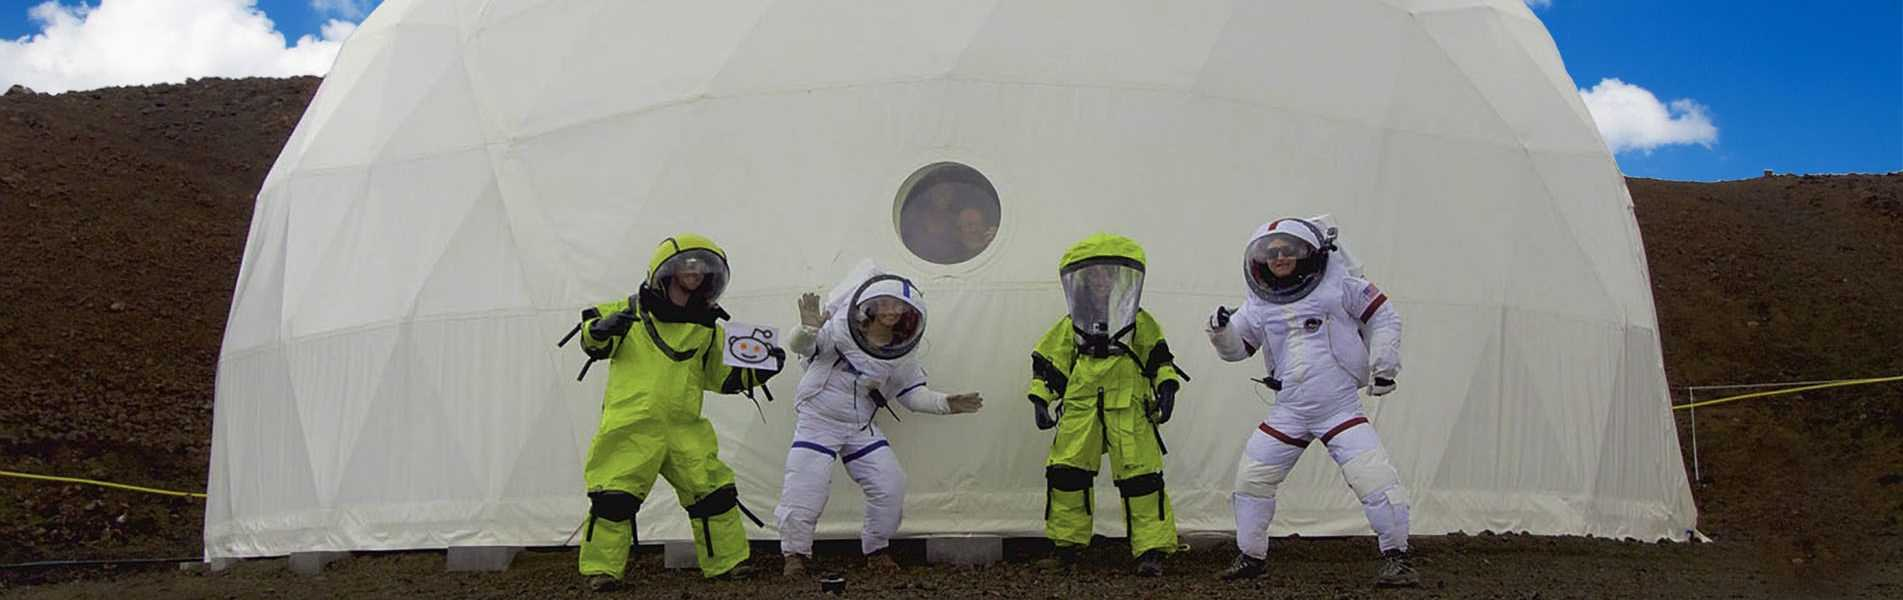 Hi Seas Mission Mars Dome